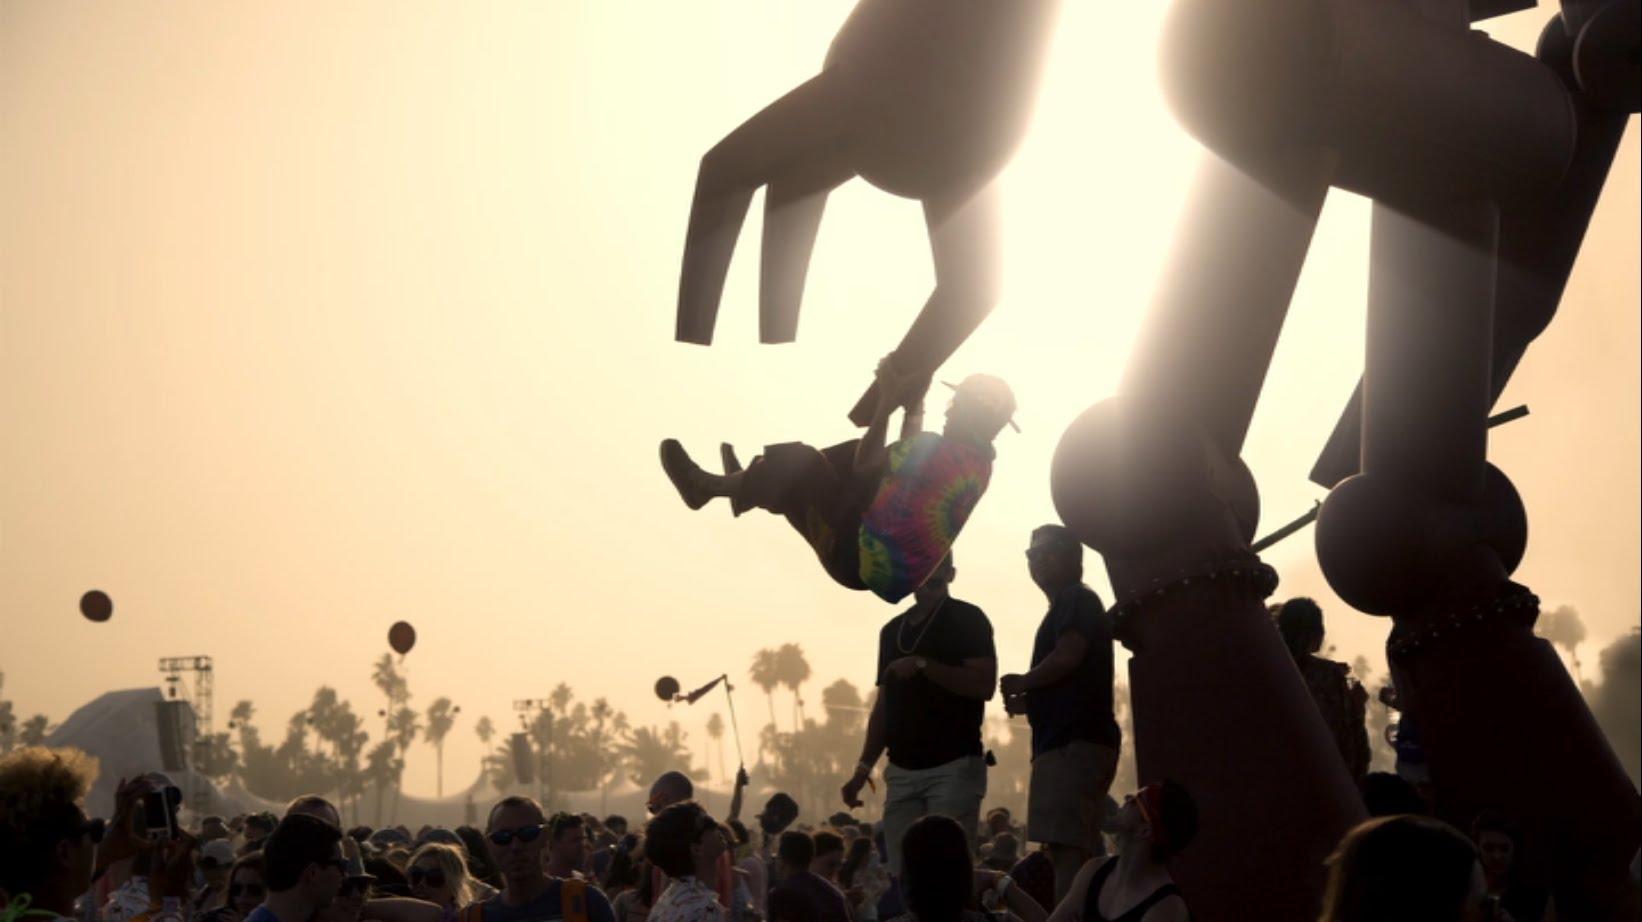 音樂祭COACHELLA要來啦!H&M LOVES COACHELLA完整系列